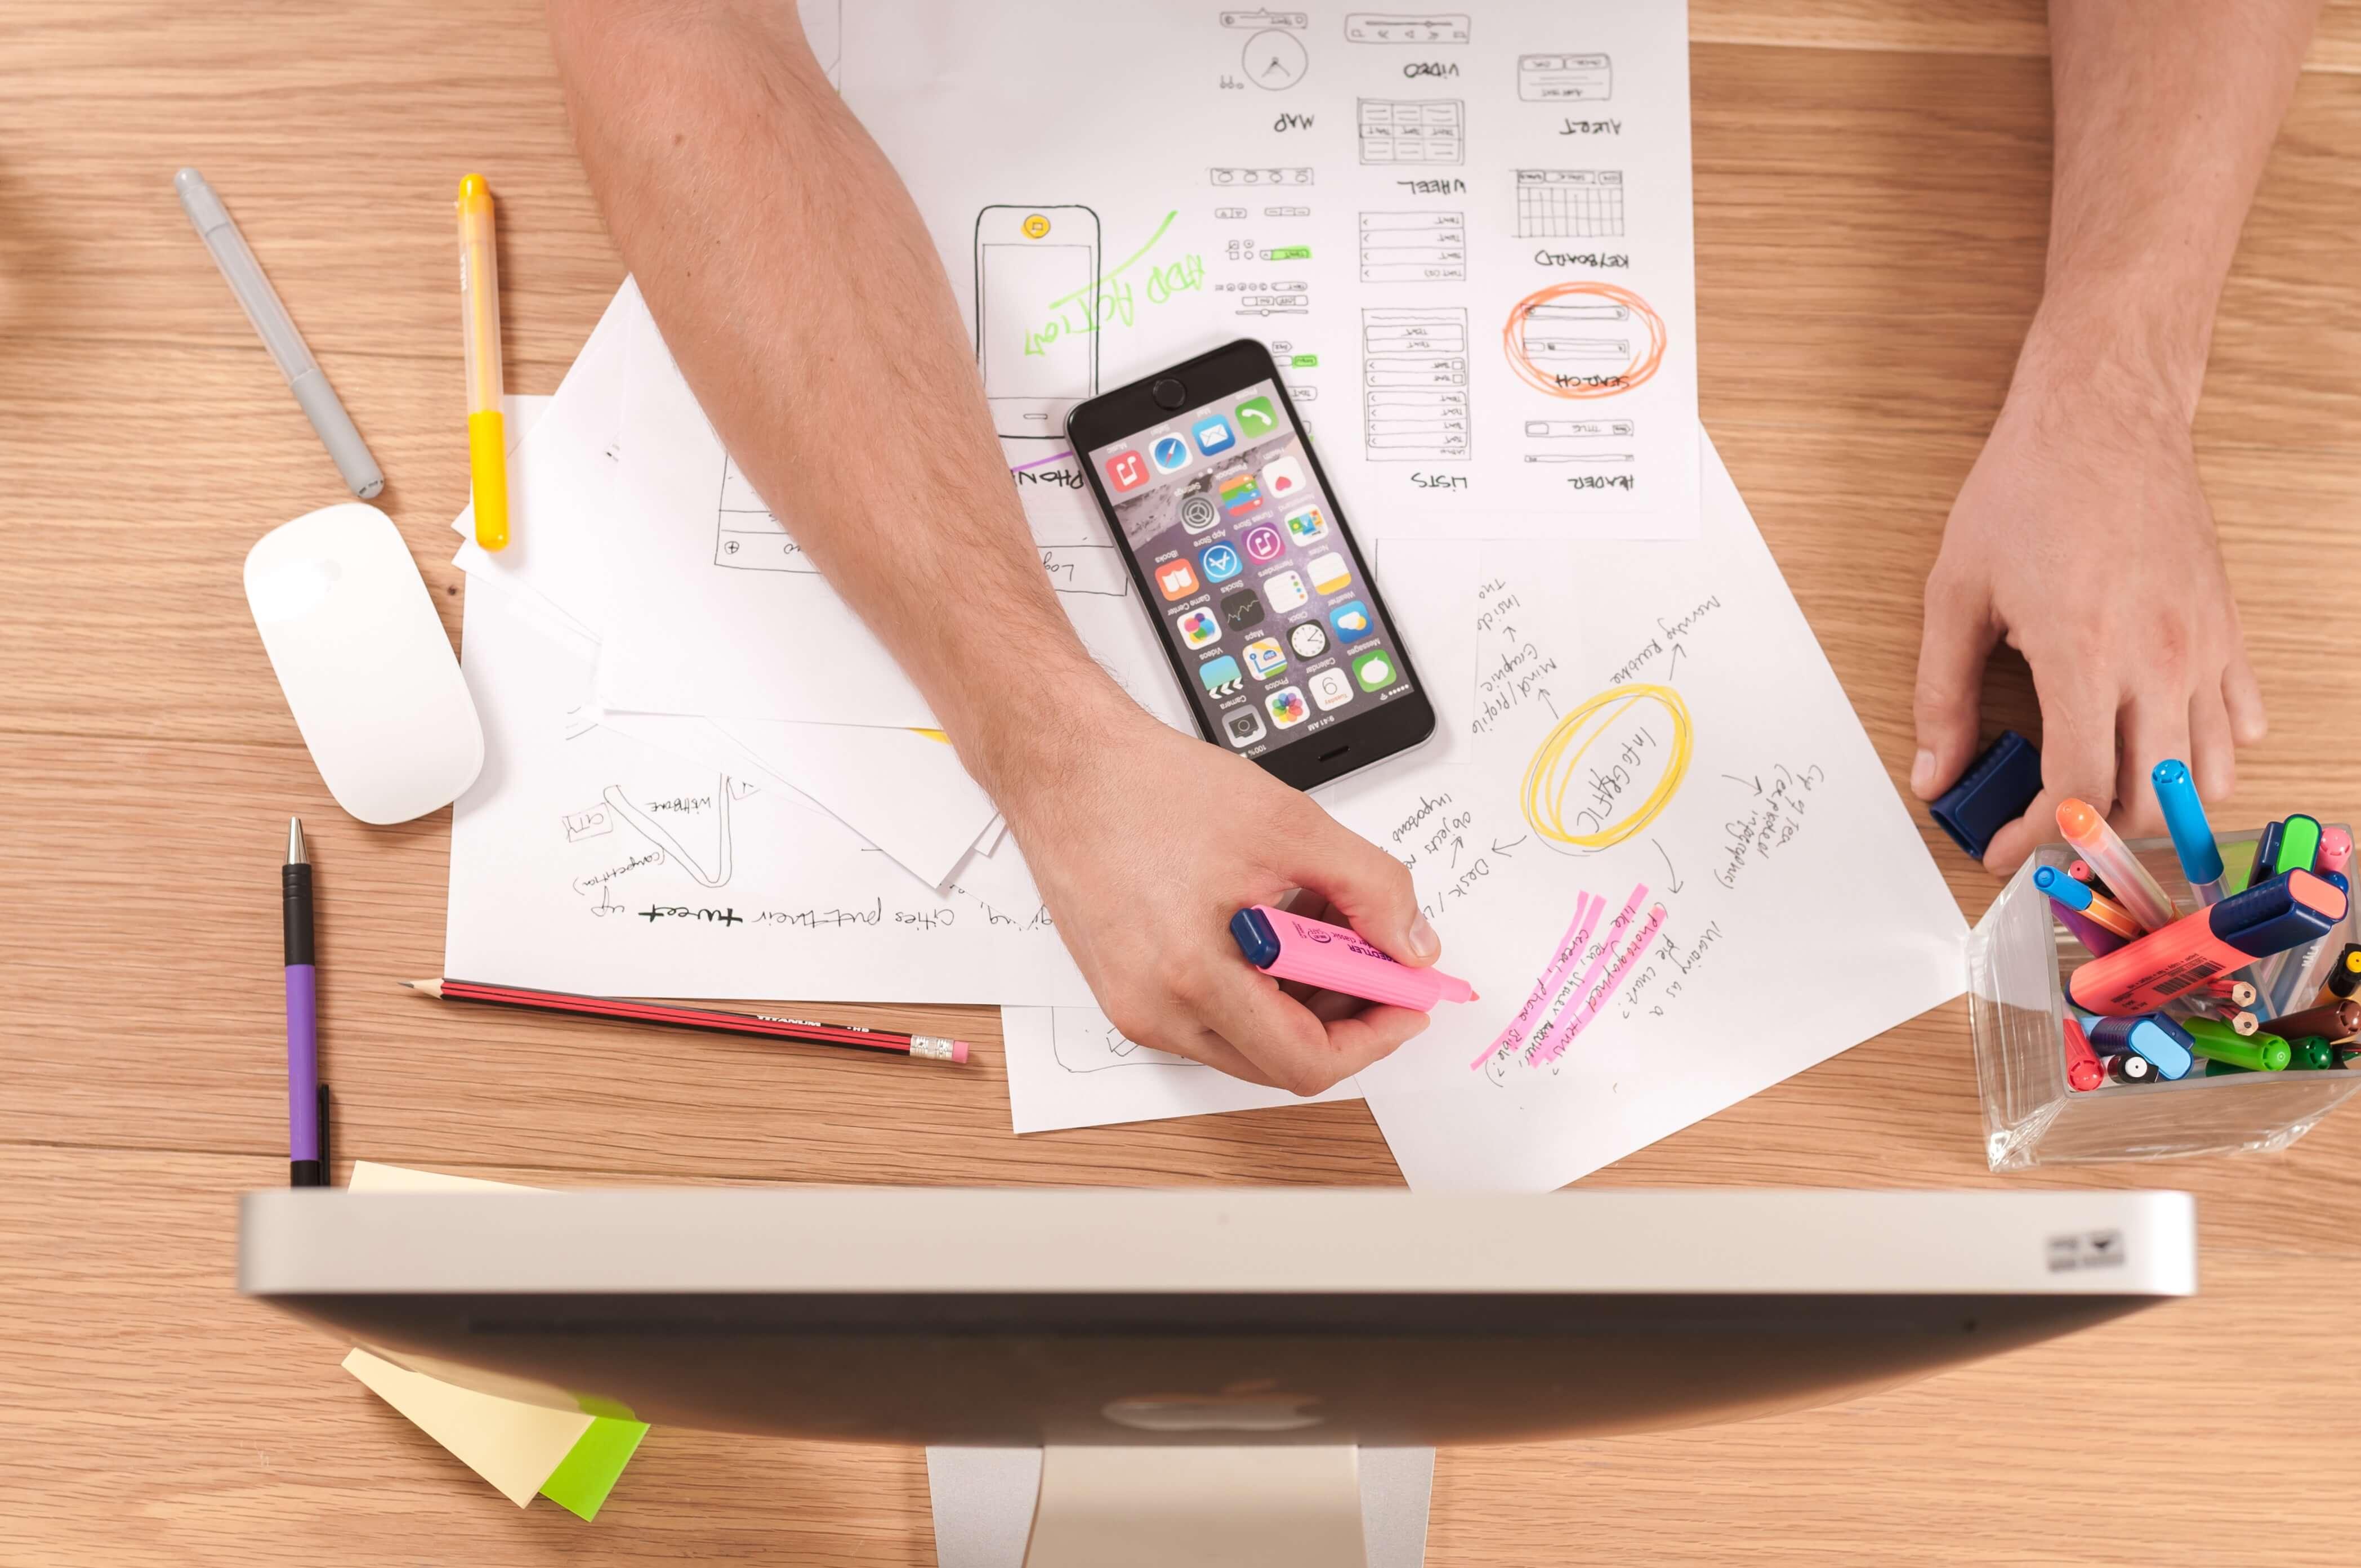 Rotina vs. Criatividade - Planejamento